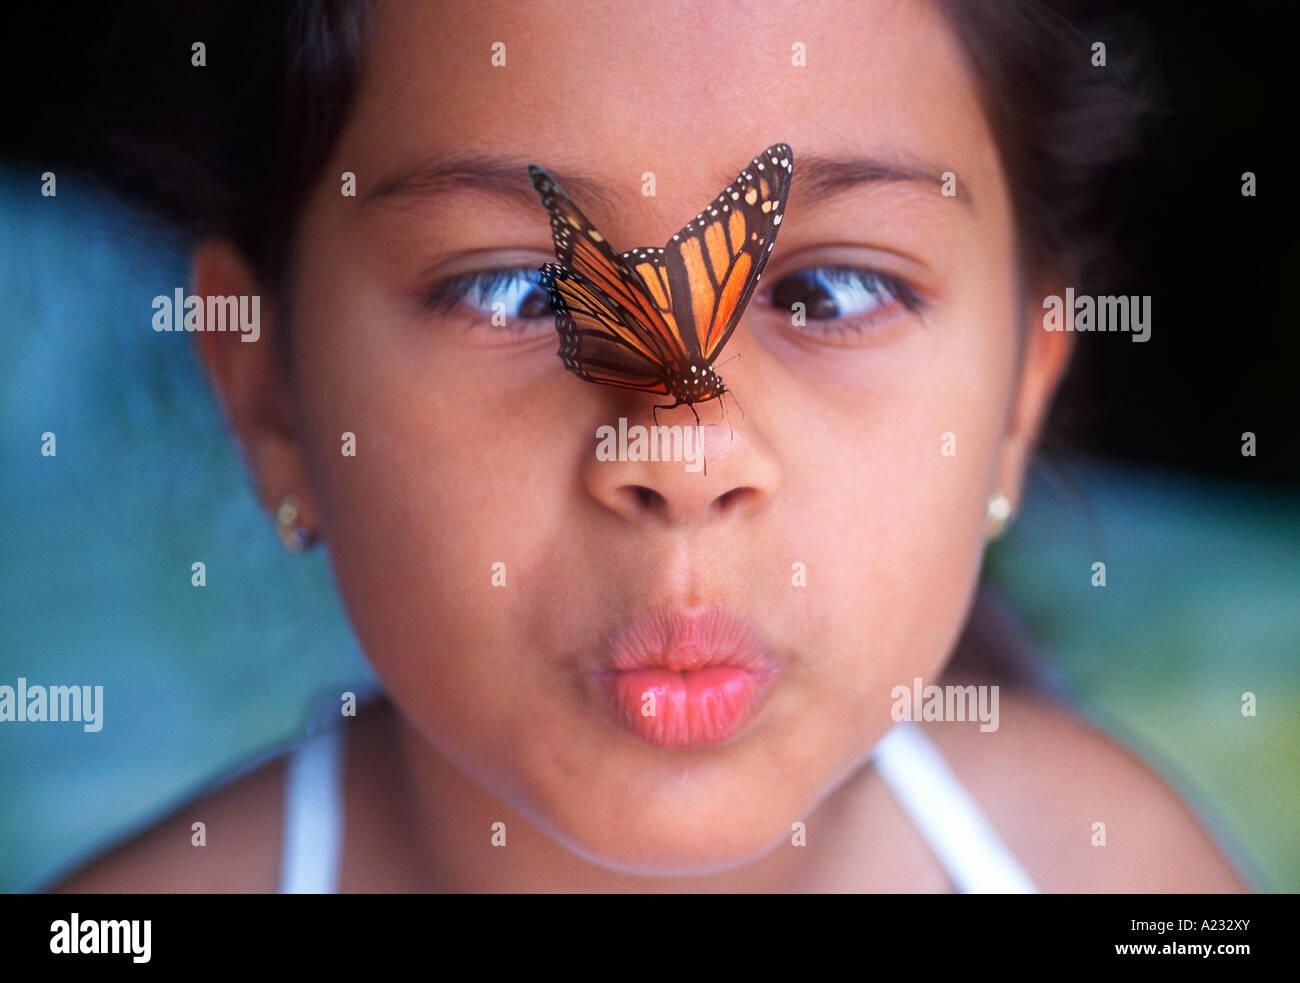 Un giovane bambino guardando una farfalla monarca sul naso con gli occhi incrociati bocca Pursed Sandra Baker Immagini Stock